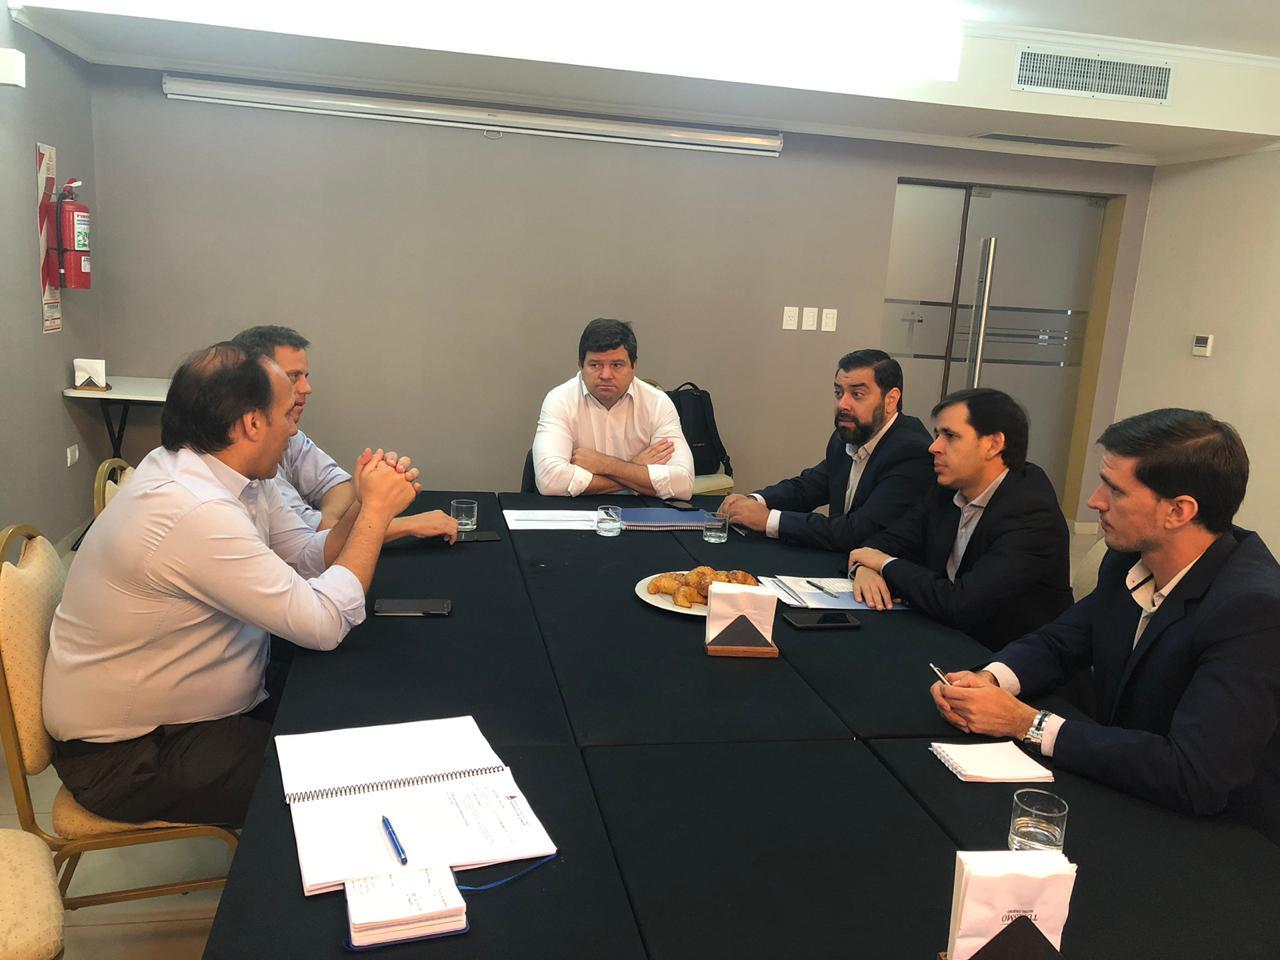 Llegará a Corrientes una iniciativa que acerca a los jóvenes al mundo laboral